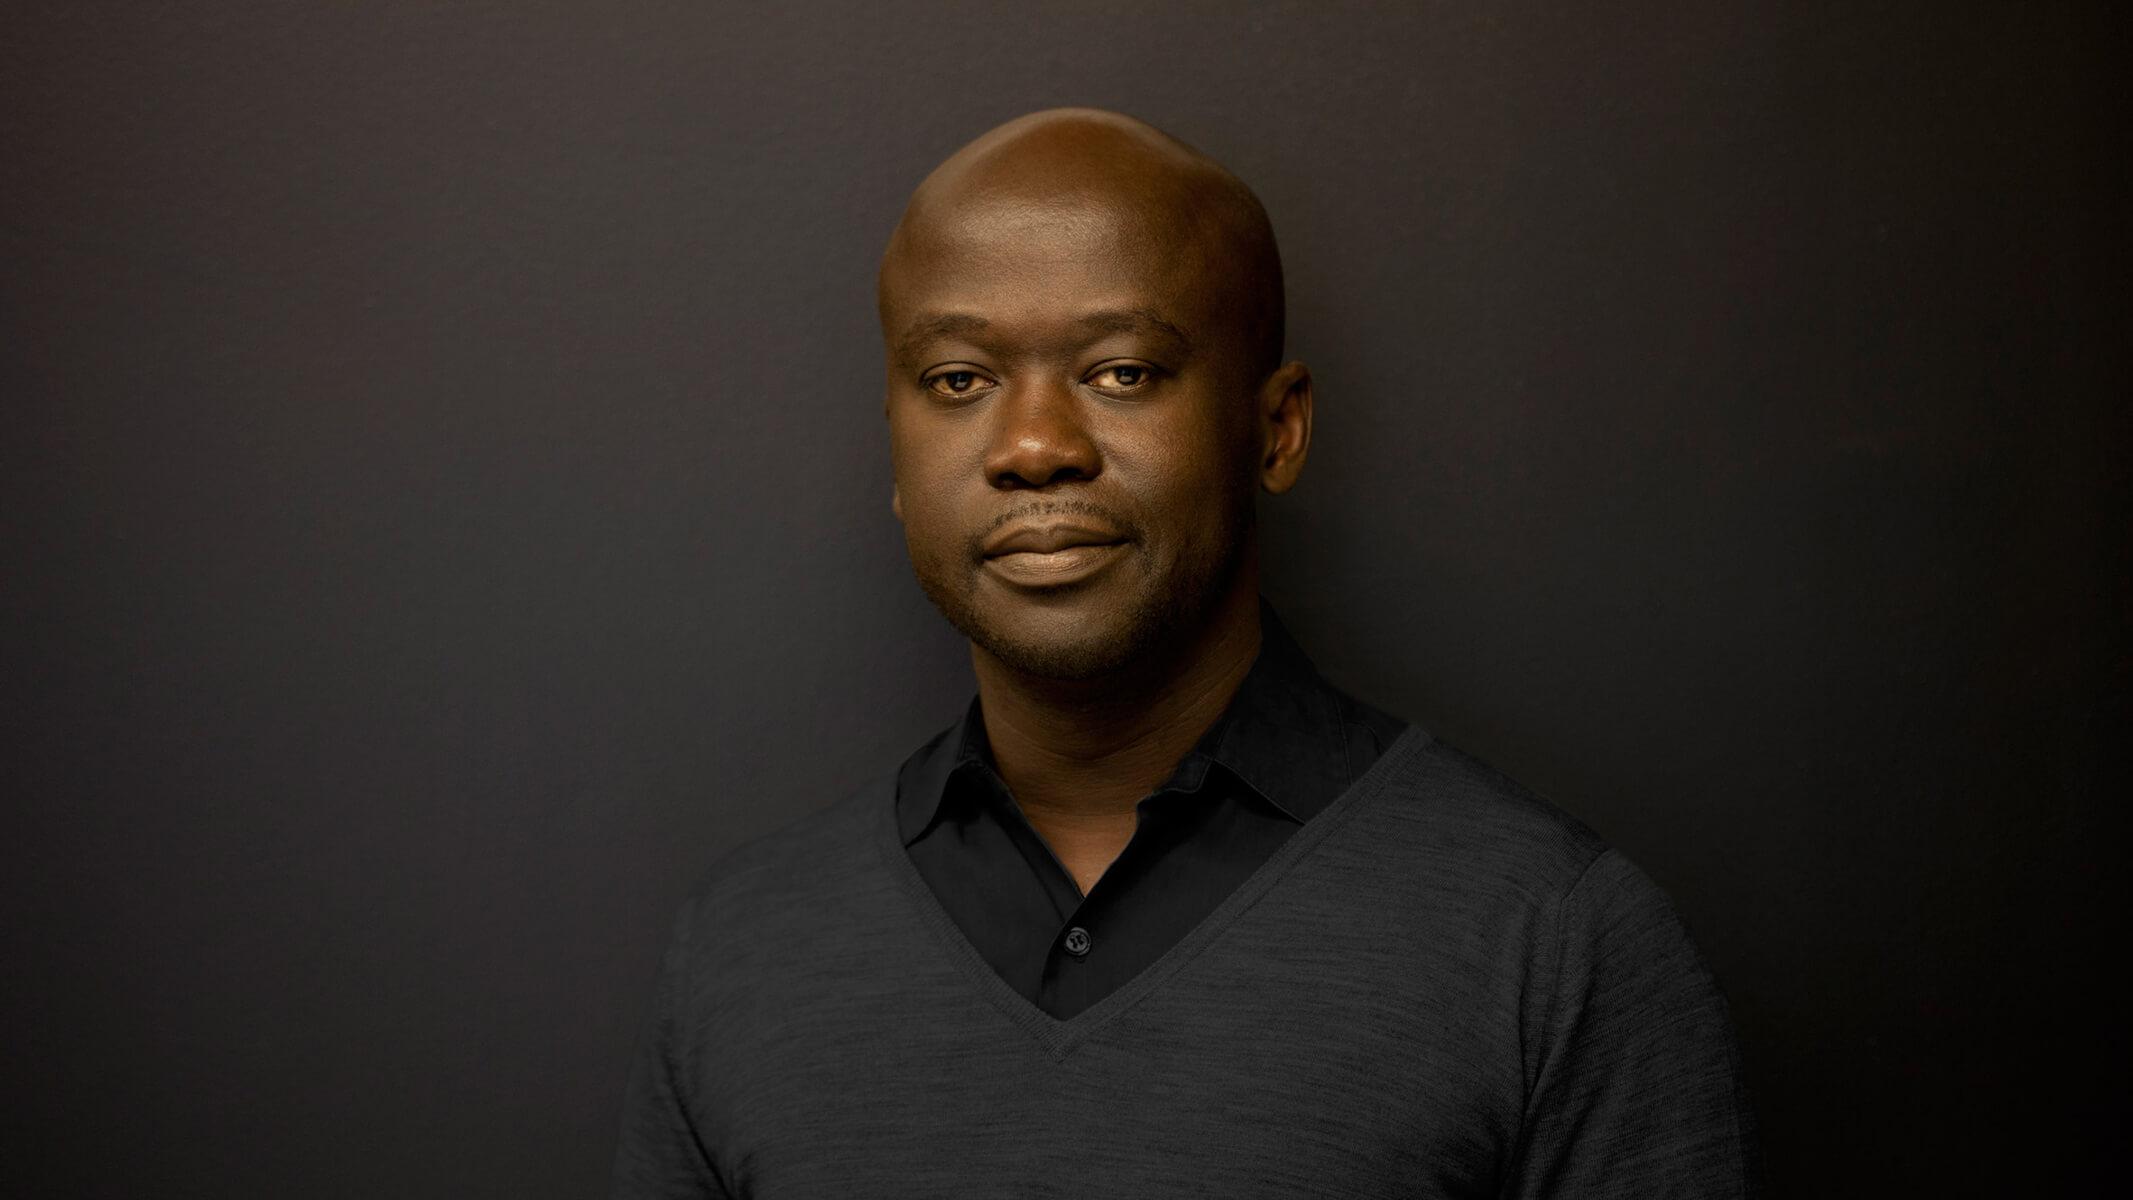 <a href='https://revistaaxxis.com.co/quien-es-david-adjaye/'><h2>¿Quién es David Adjaye? el arquitecto que entró en la lista de las 100 personas más influyentes en el mundo</h2>El arquitecto de origen ghanés es para la revista Times, una de las 100 personas más influyentes en el mundo.  &nbsp;</a>